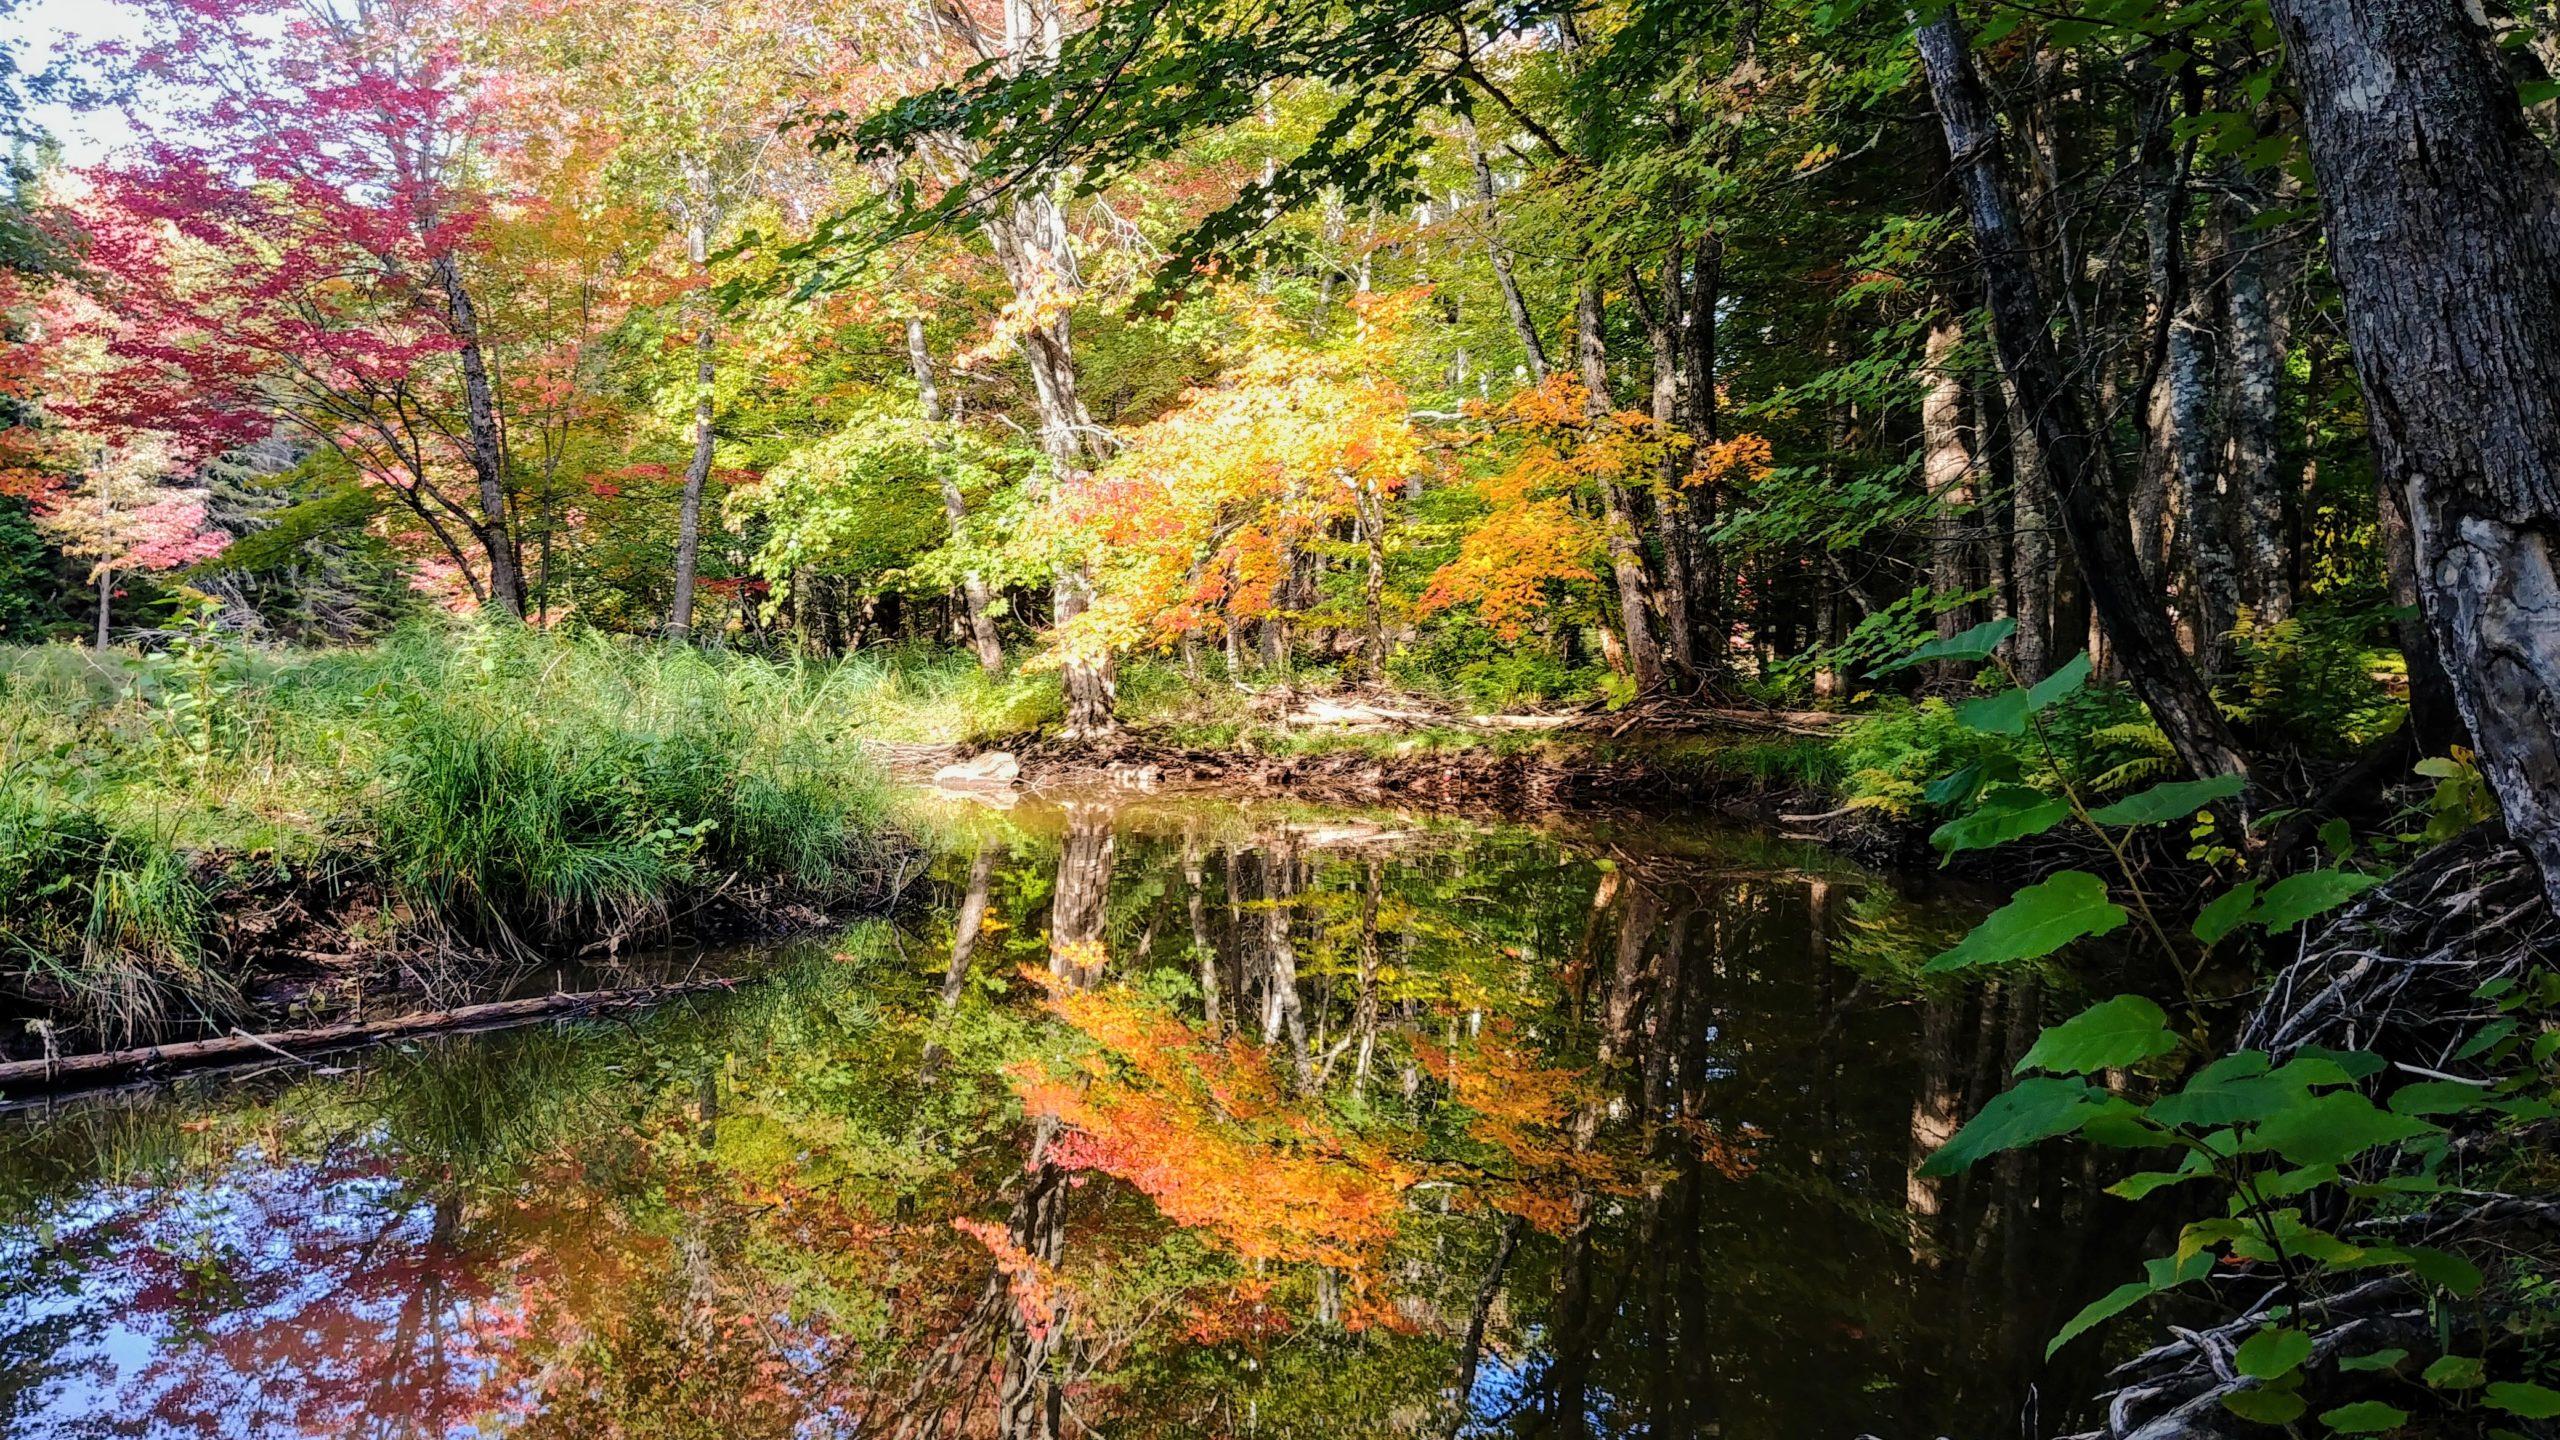 Couleurs automne Nouveau-brunswick où aller sentier Dobson riverview blog voyage arpenter le chemin